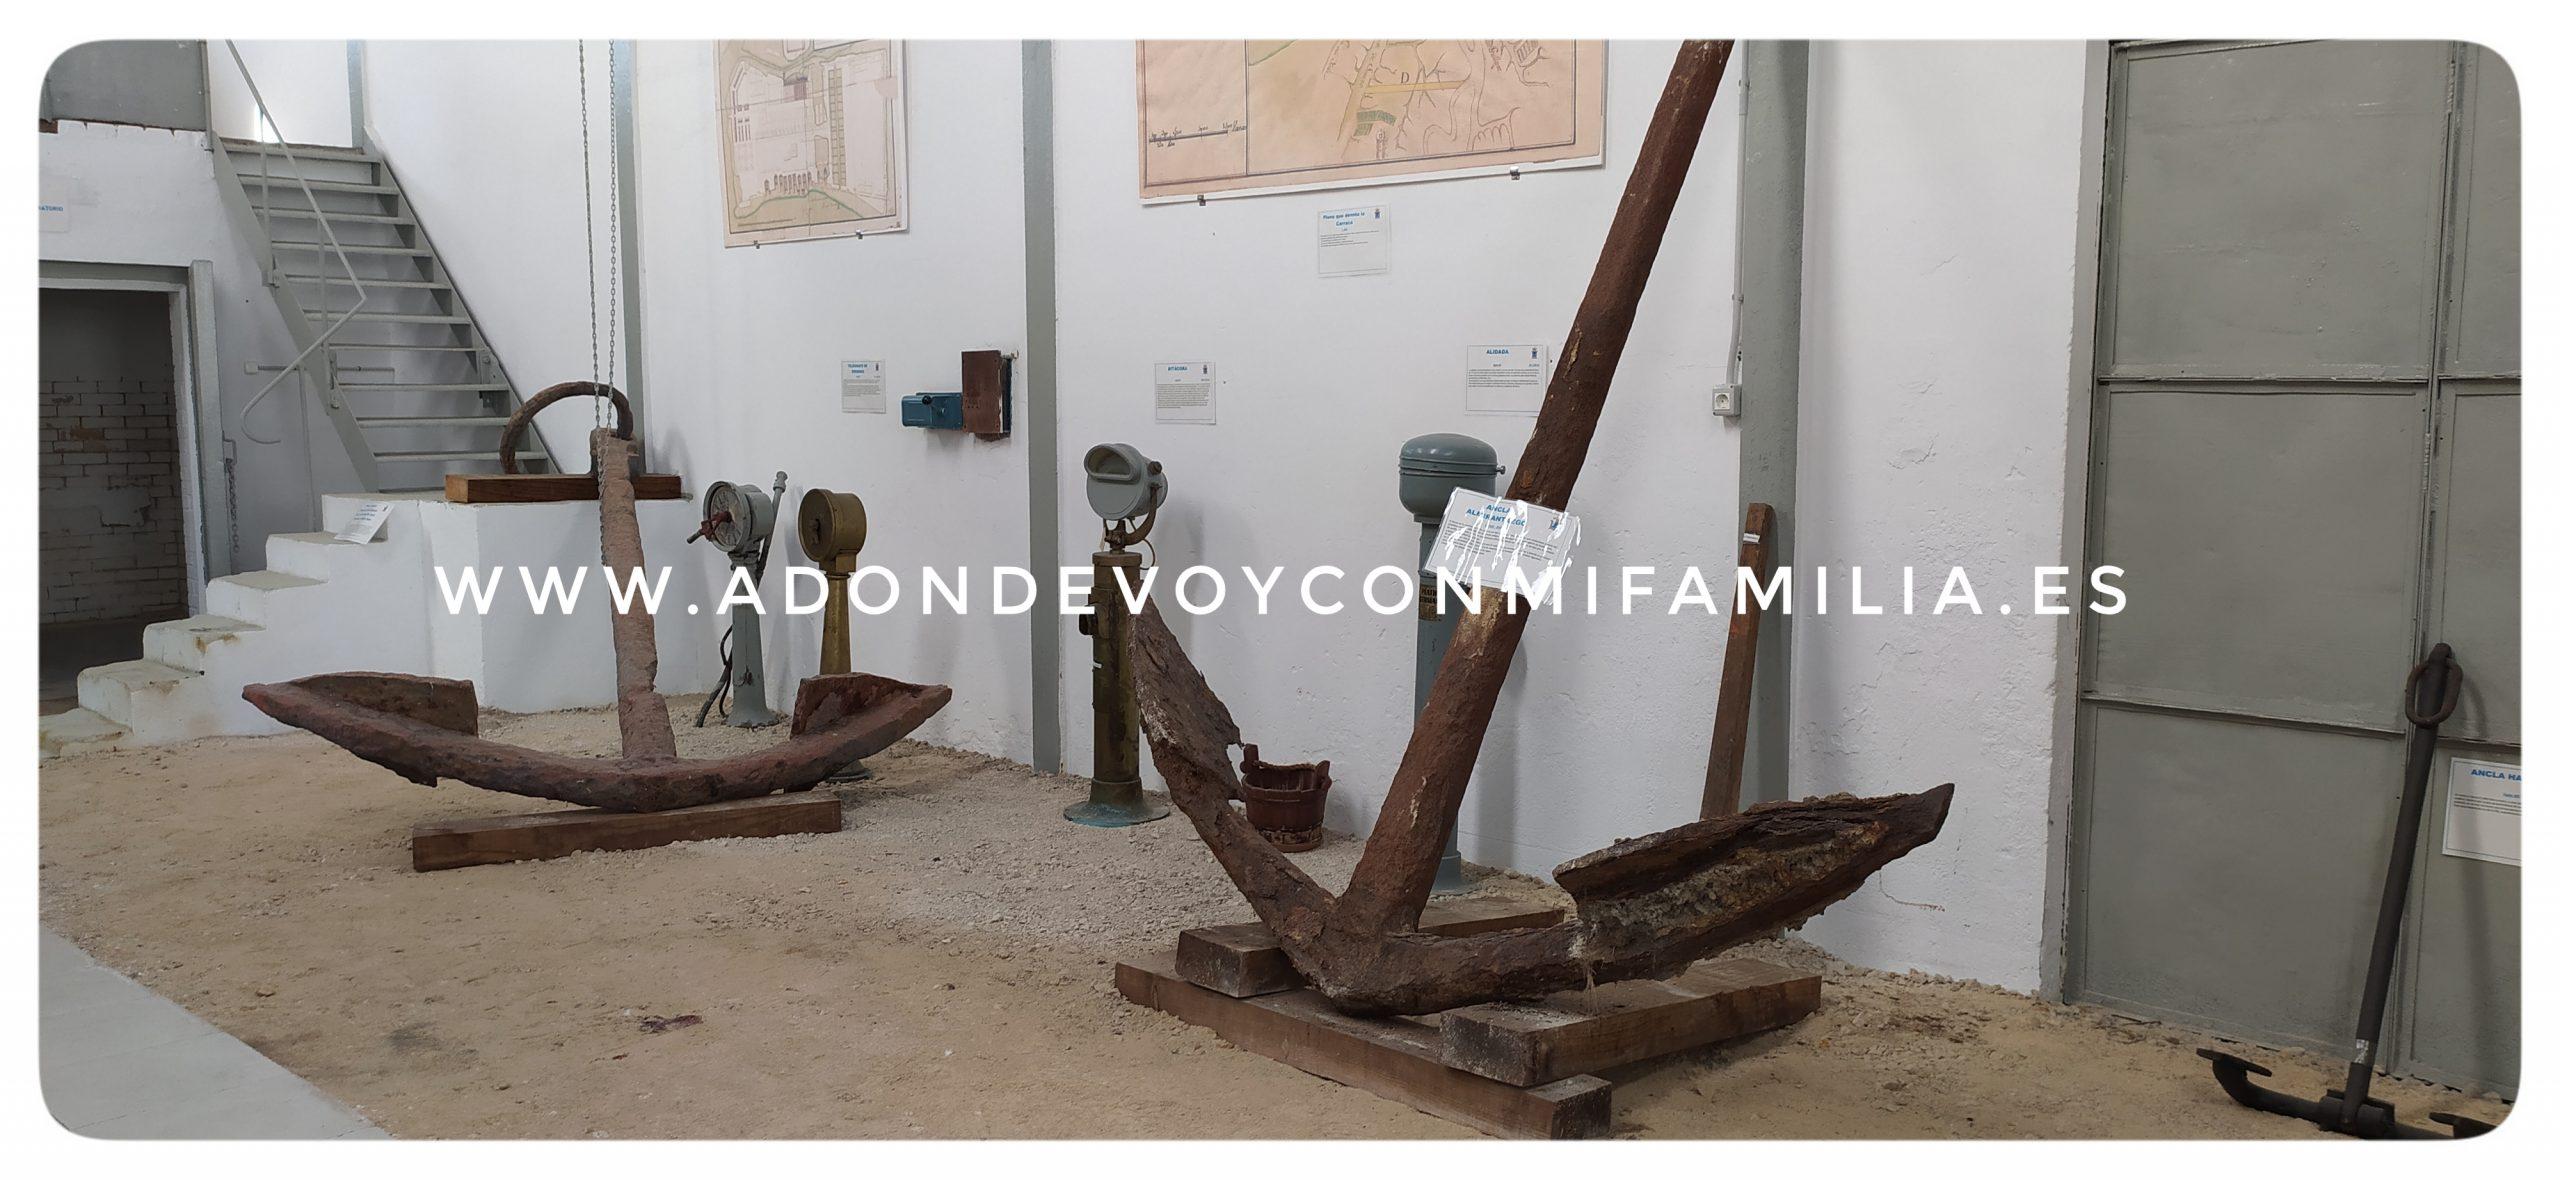 arsenal de la carraca adondevoyconmifamilia (10)